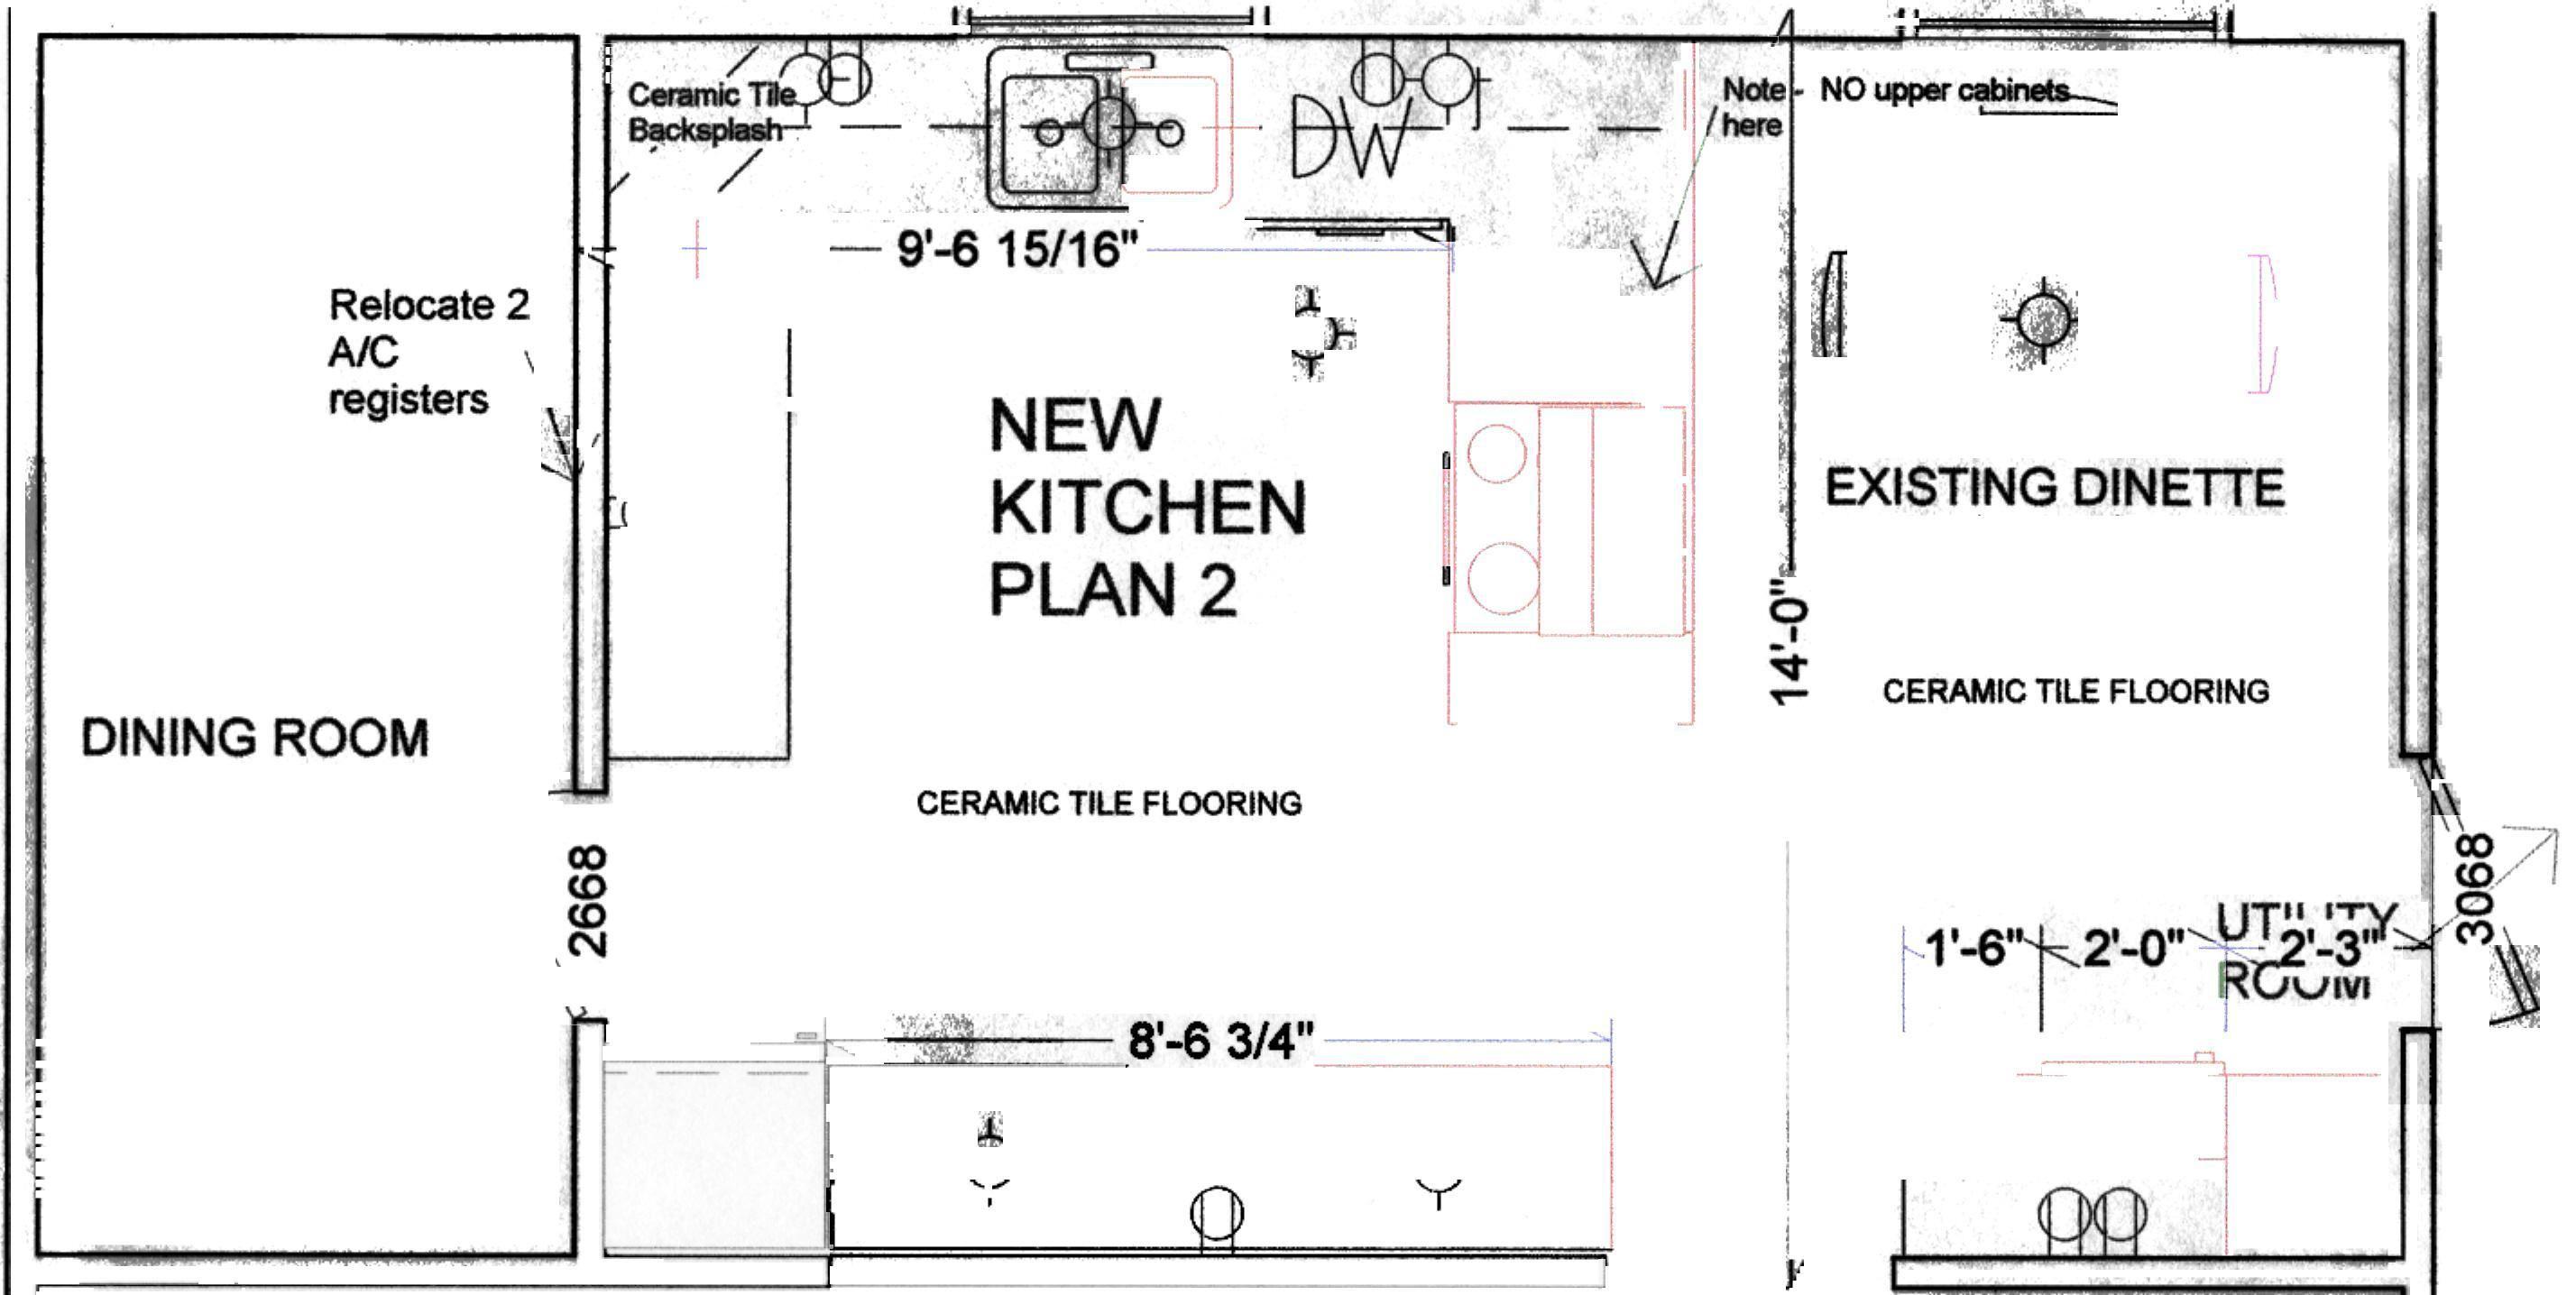 Home Planners Kitchen Layout Floor Plan Tool Home Layout Plans Floor Plans Project Designed Christos Fytilis Floor Plan